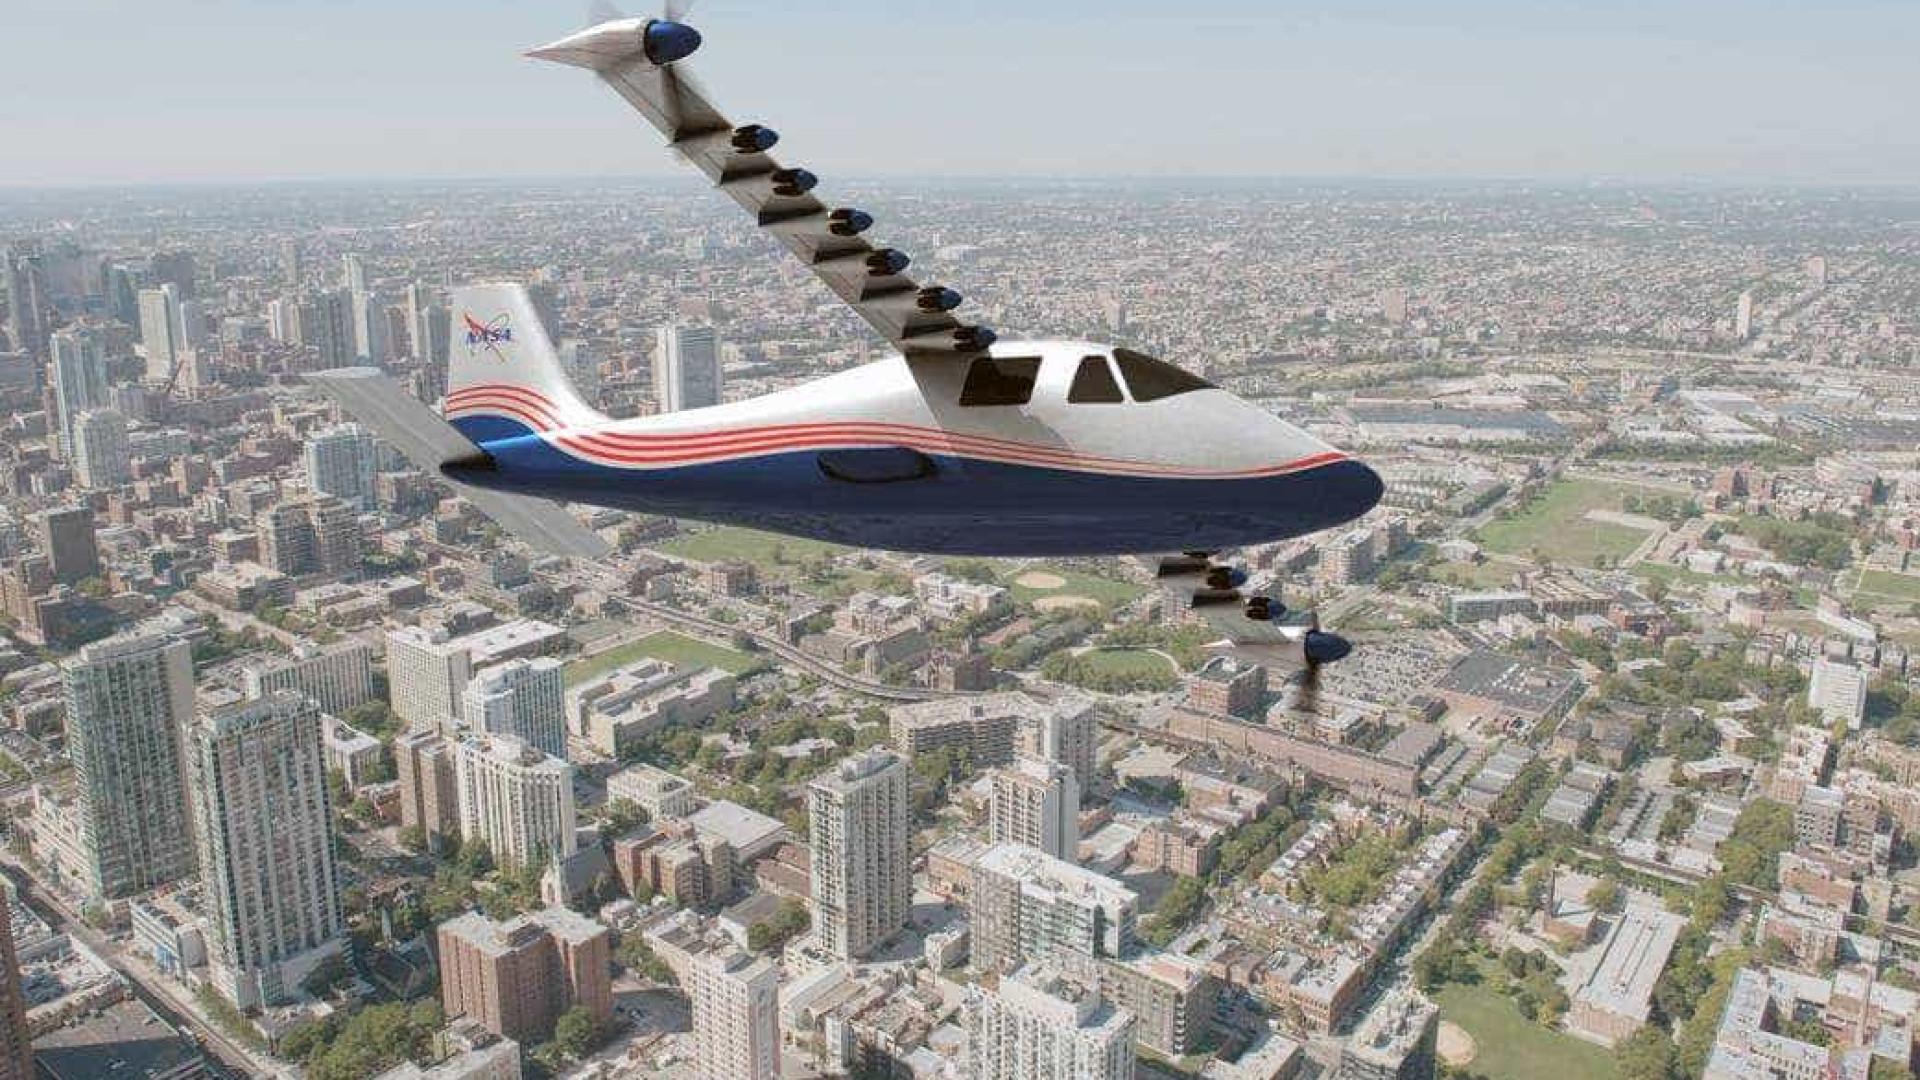 Aviões menos ruidosos? NASA diz que sim e prepara avião híbrido